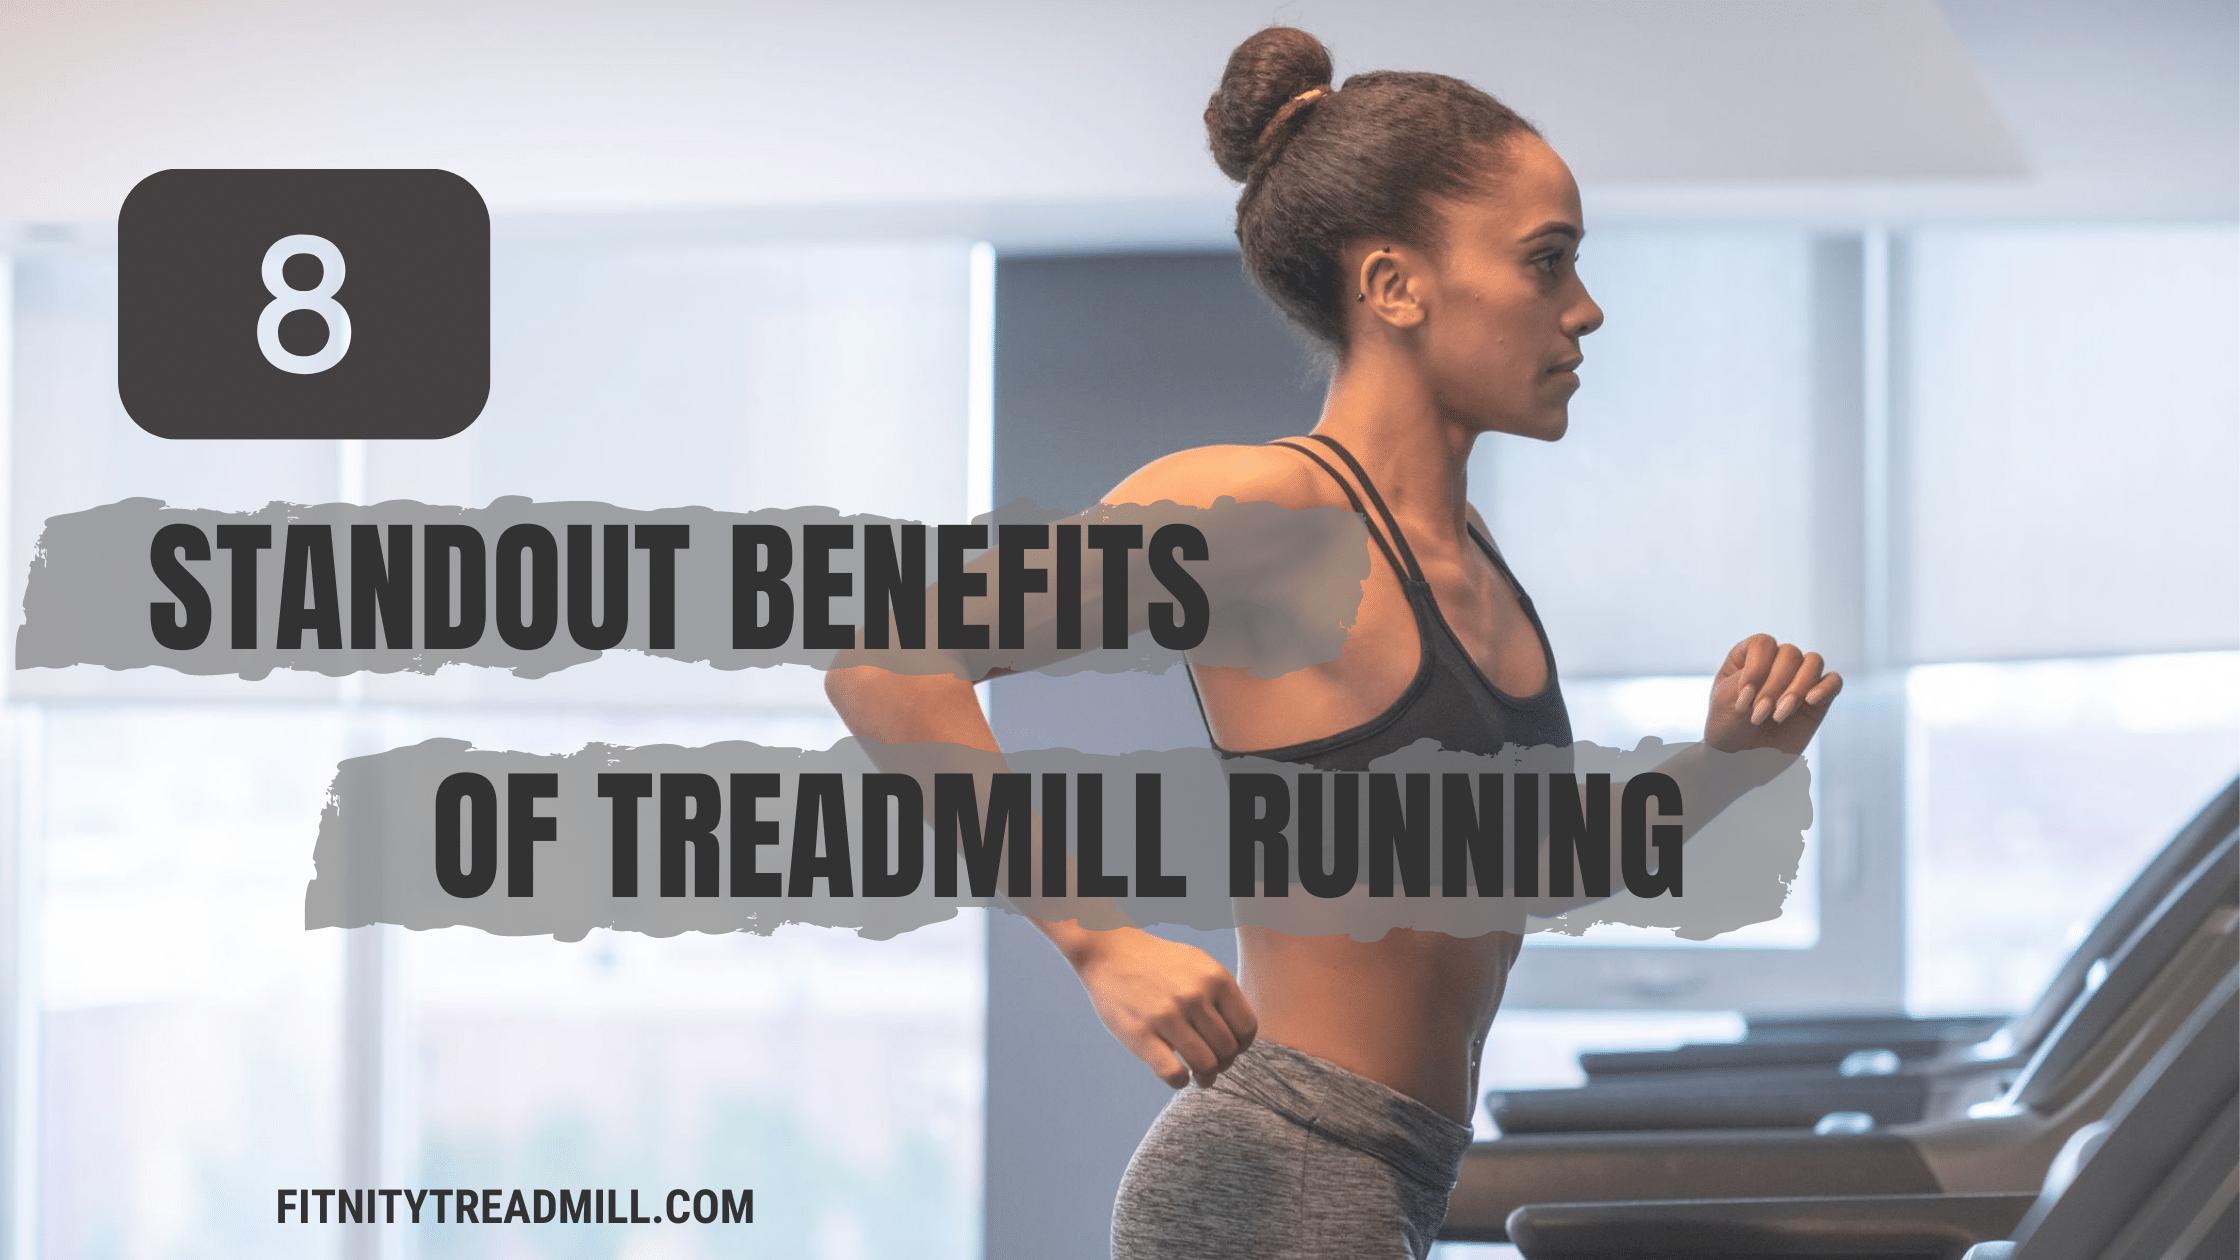 benefits of treadmill running